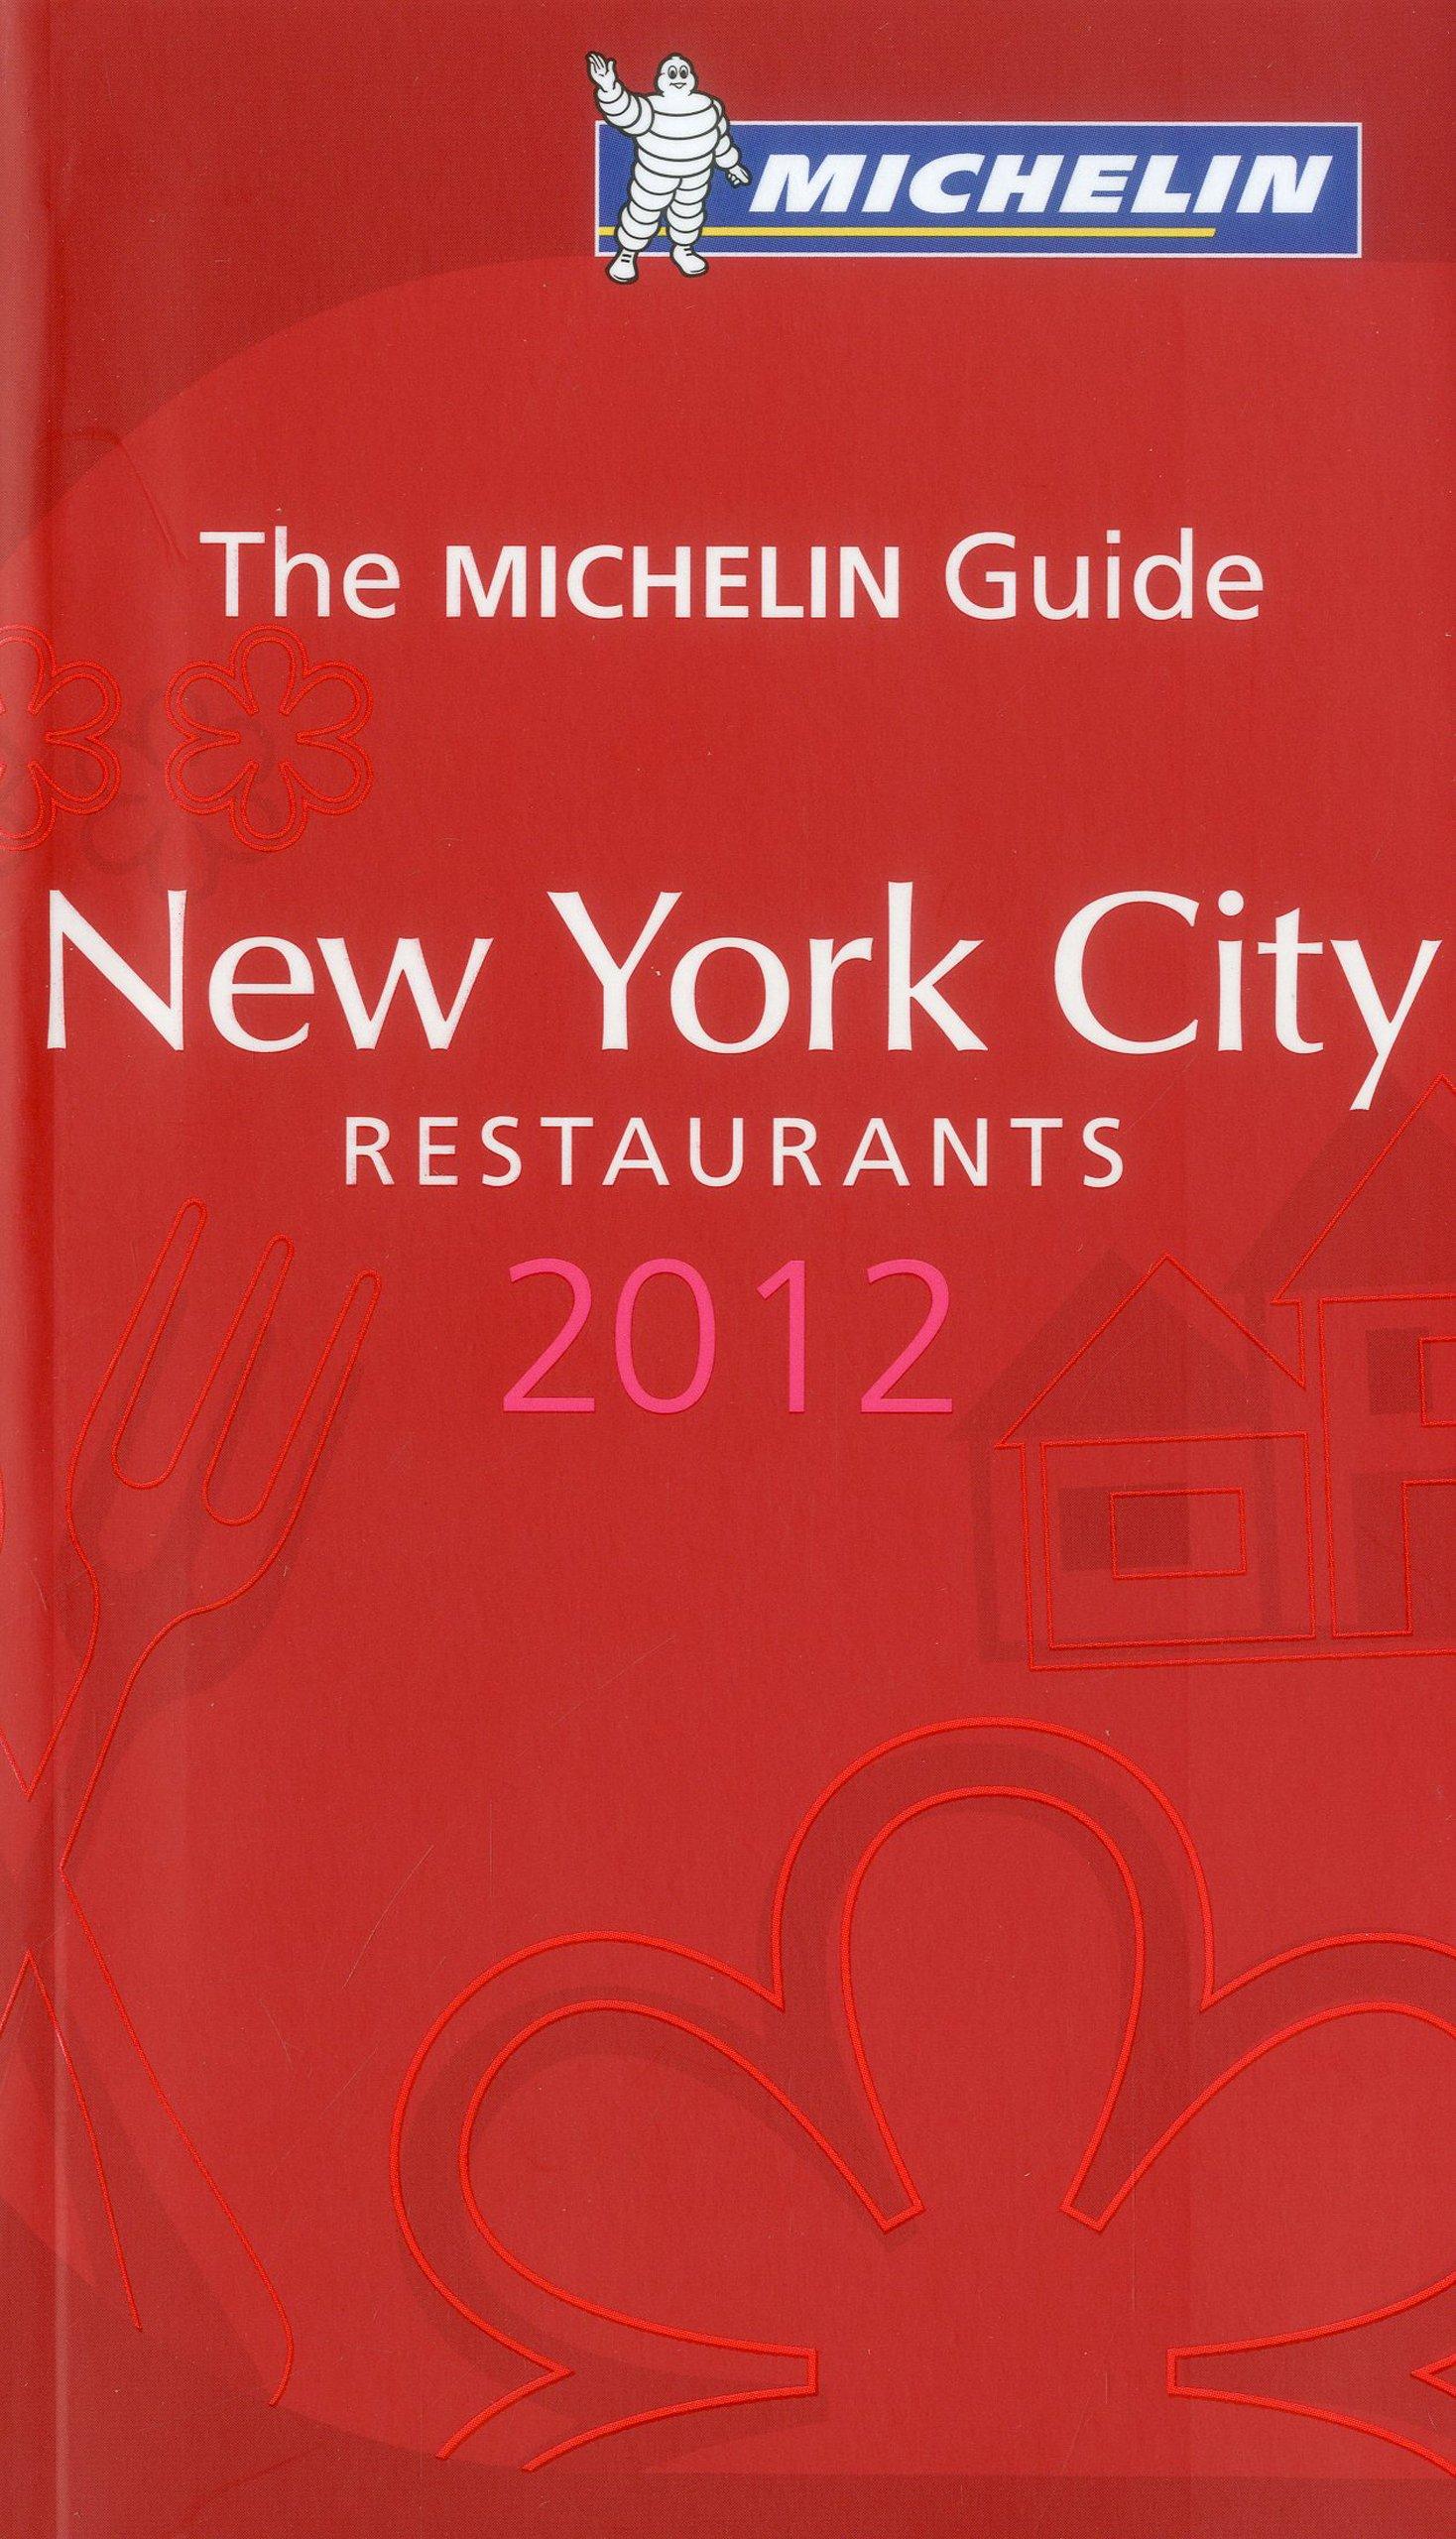 Risultati immagini per guide michelin new york city 2012 amazon